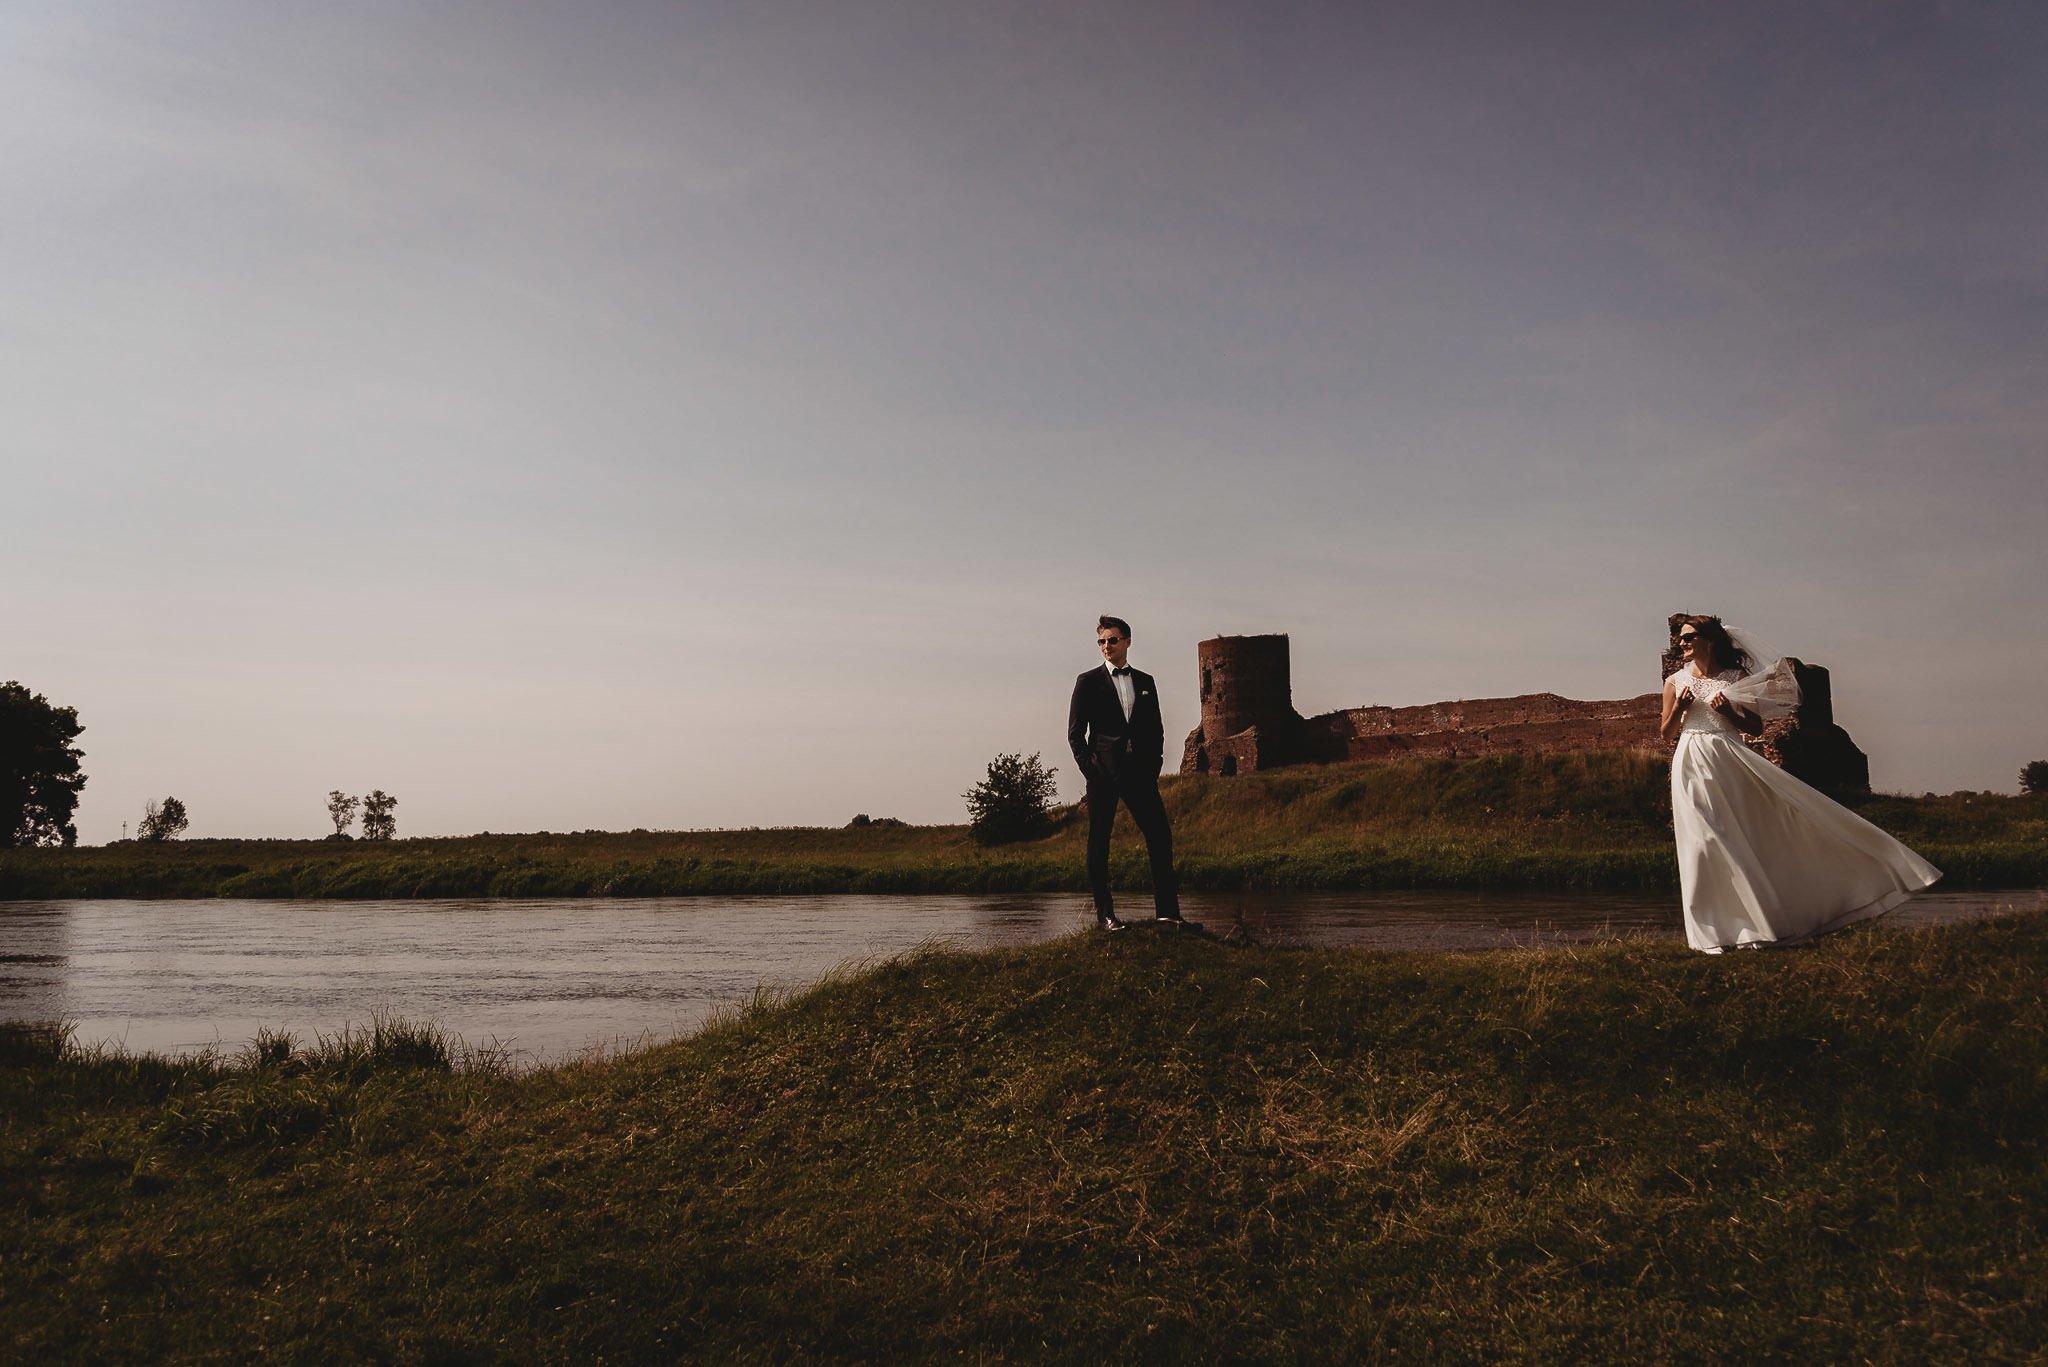 Monika i Michał, wesele w Paryżu i sesja plenerowa w stadninie koni w Czołowie 314